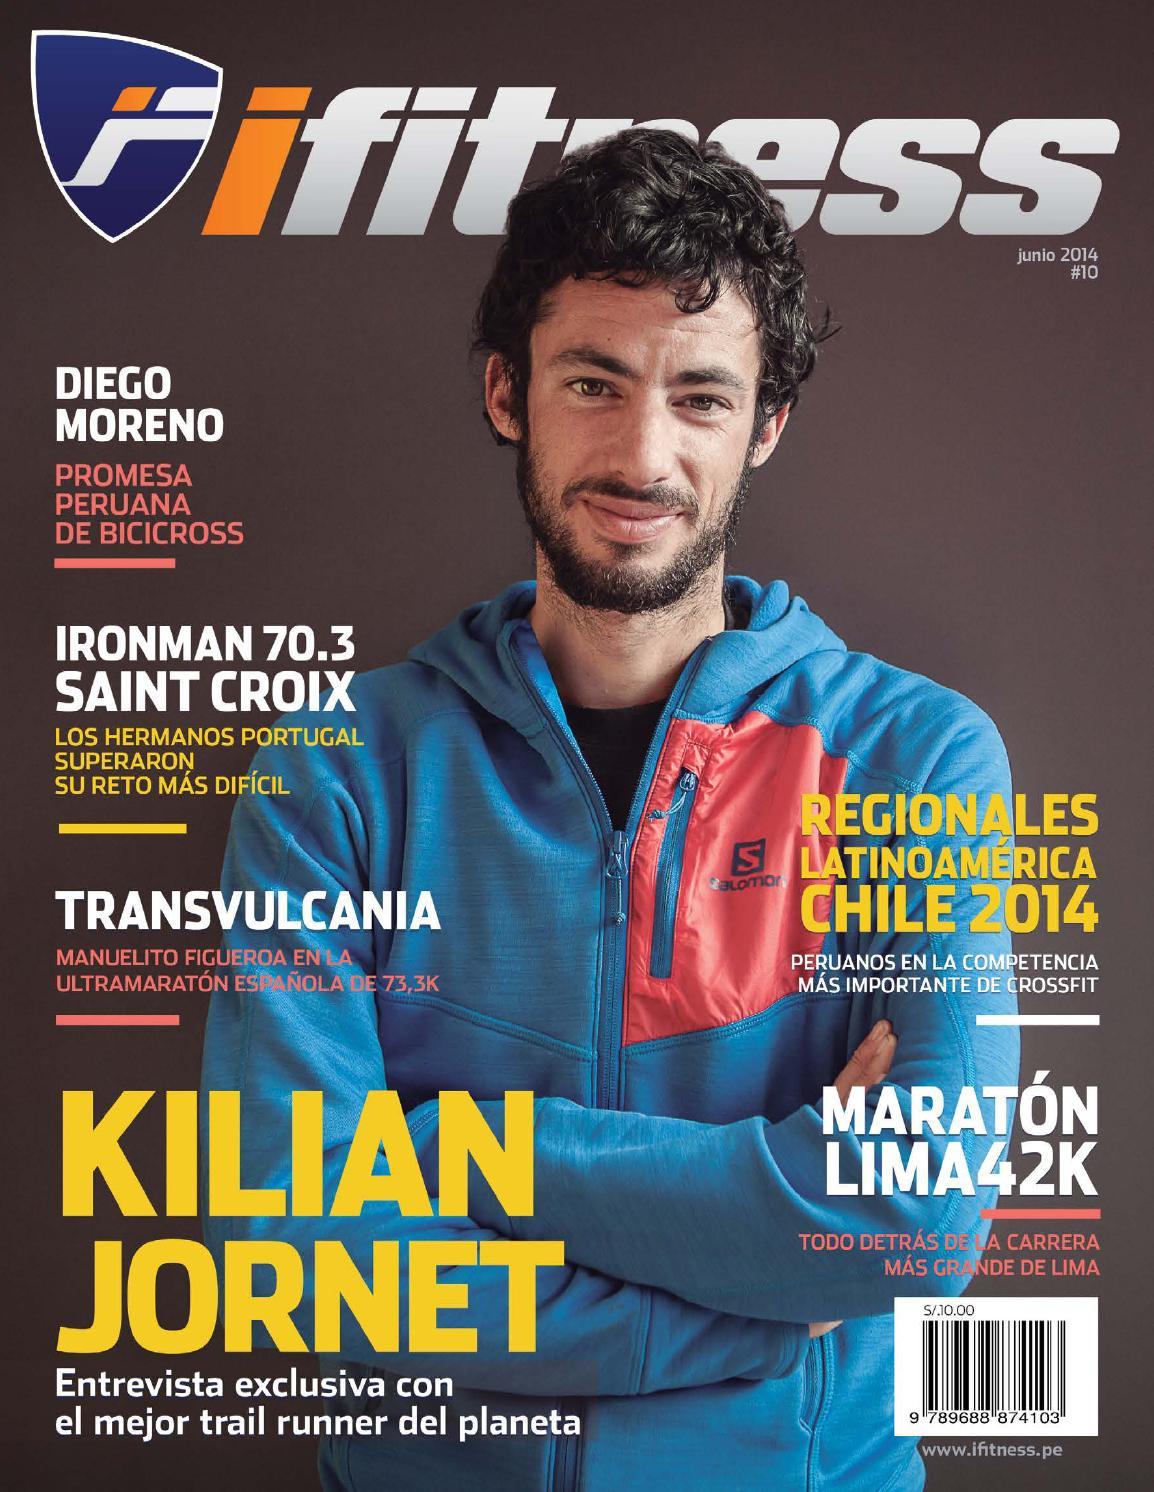 Revista iFitness edición # 10 Junio 2014